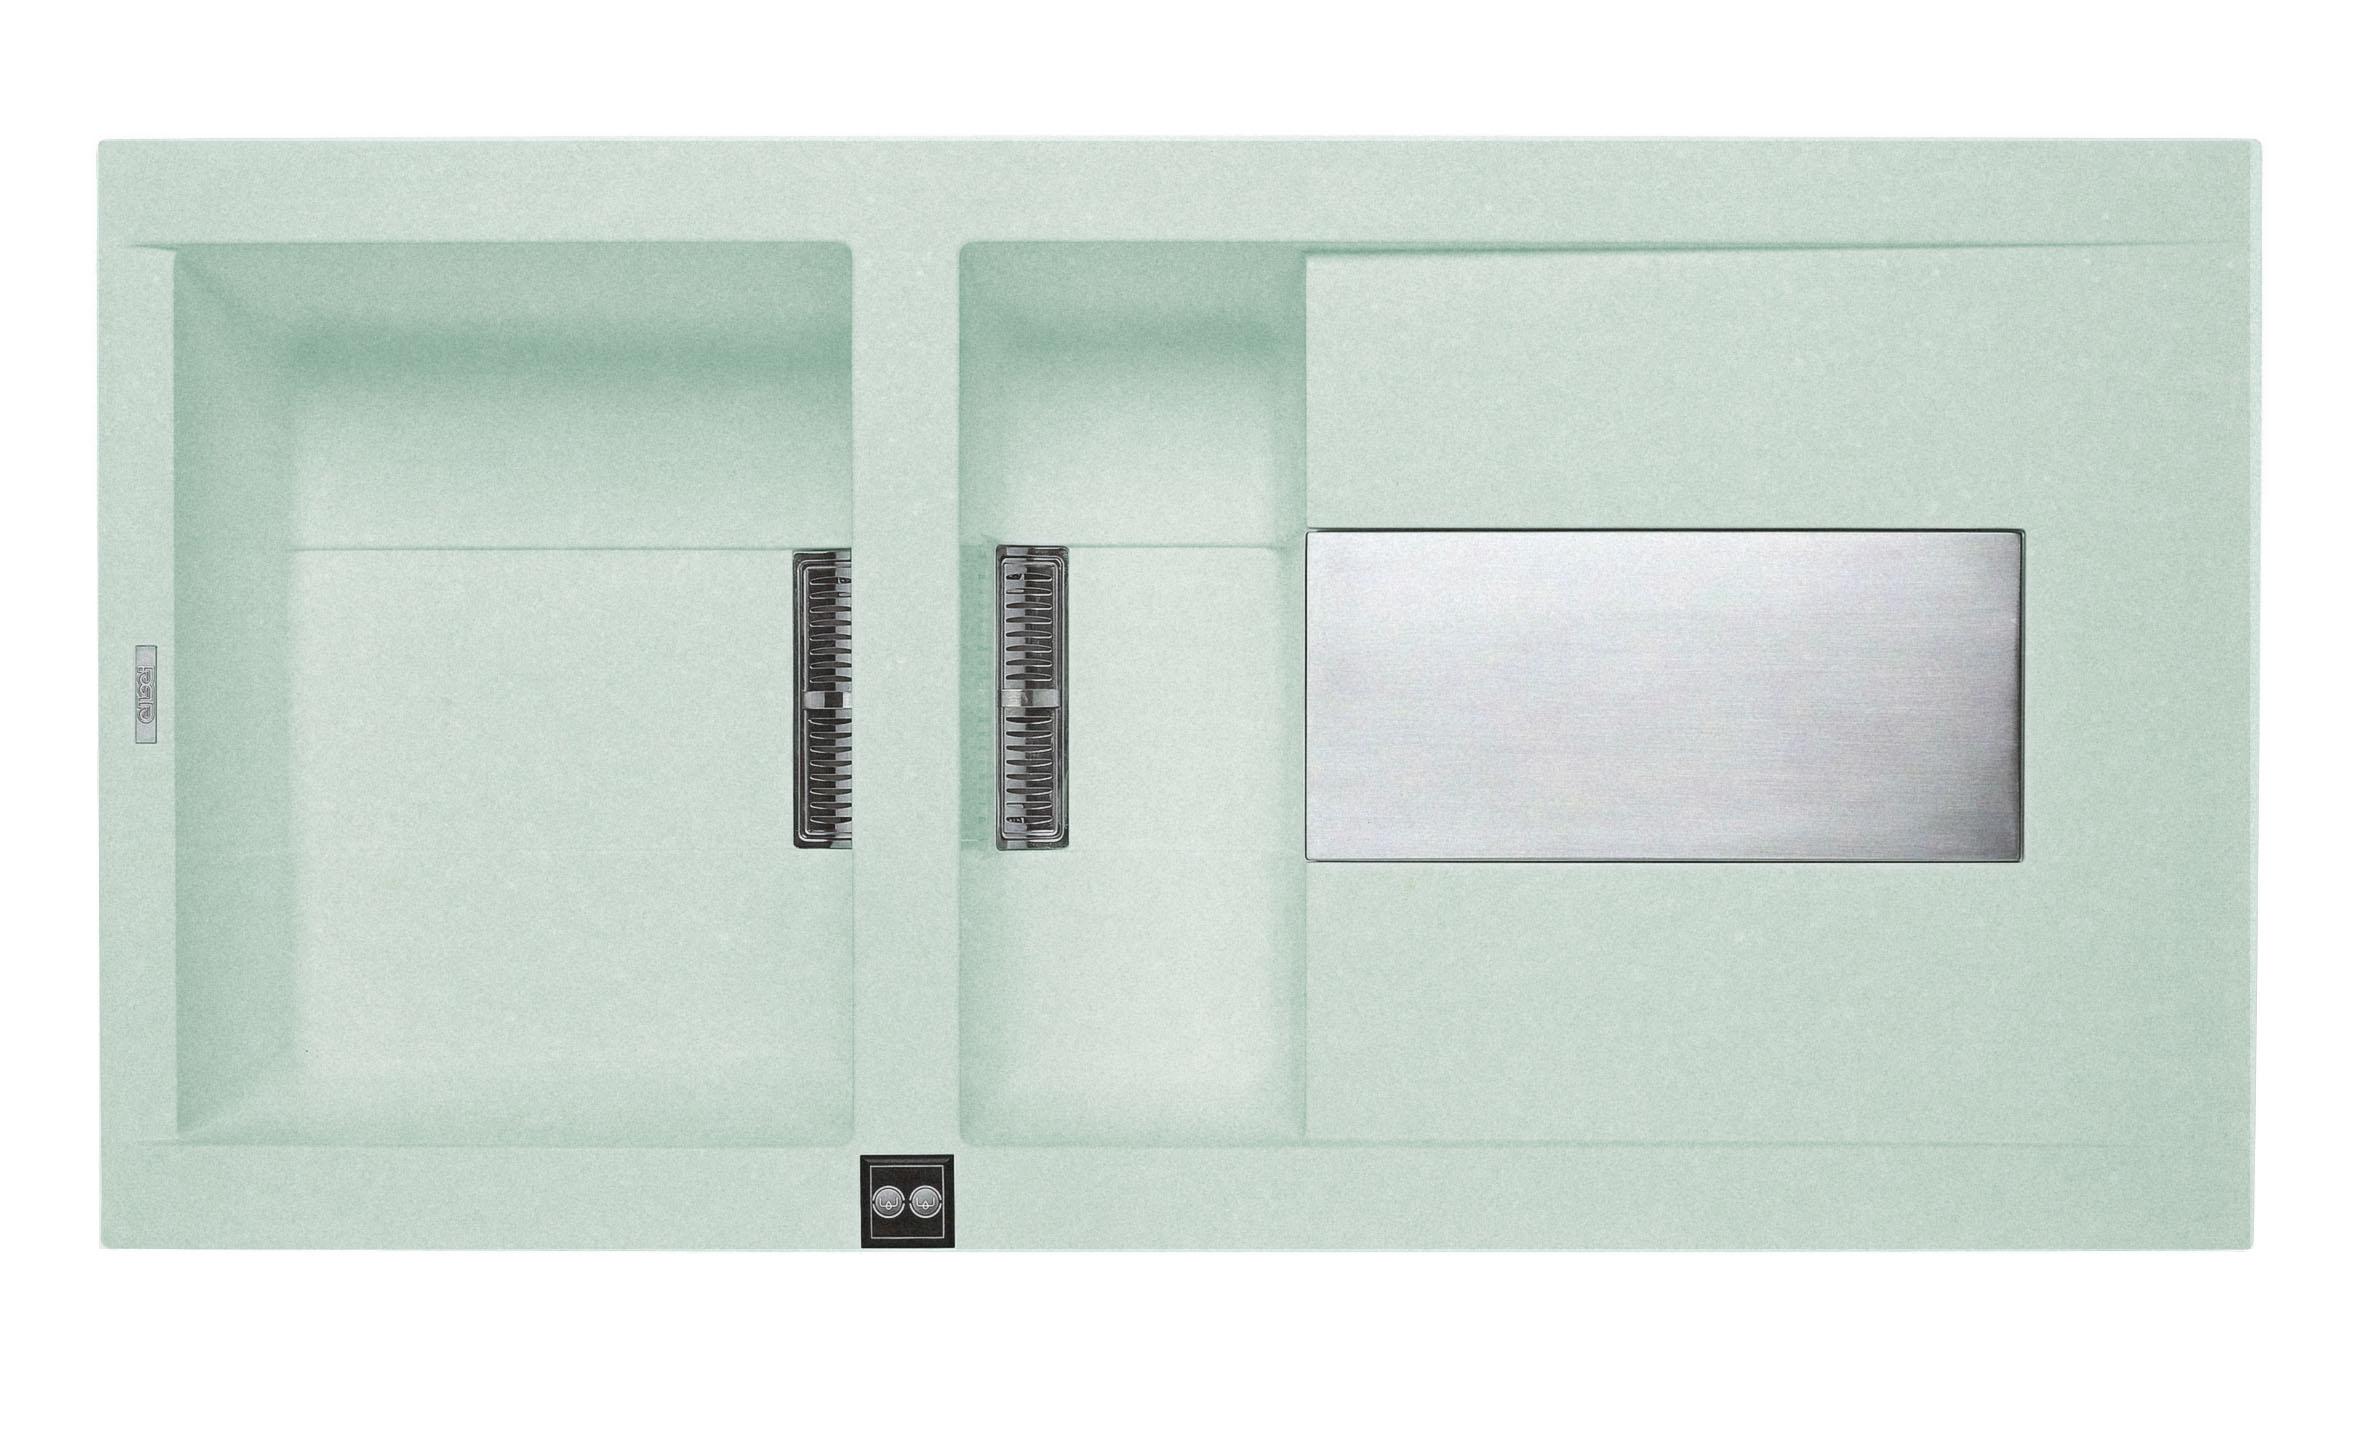 意大利 ELLECI Sirex 475 LVI47591 大細膽平邊檯面廚盆連右翼 1000x515x224mm 翡翠色